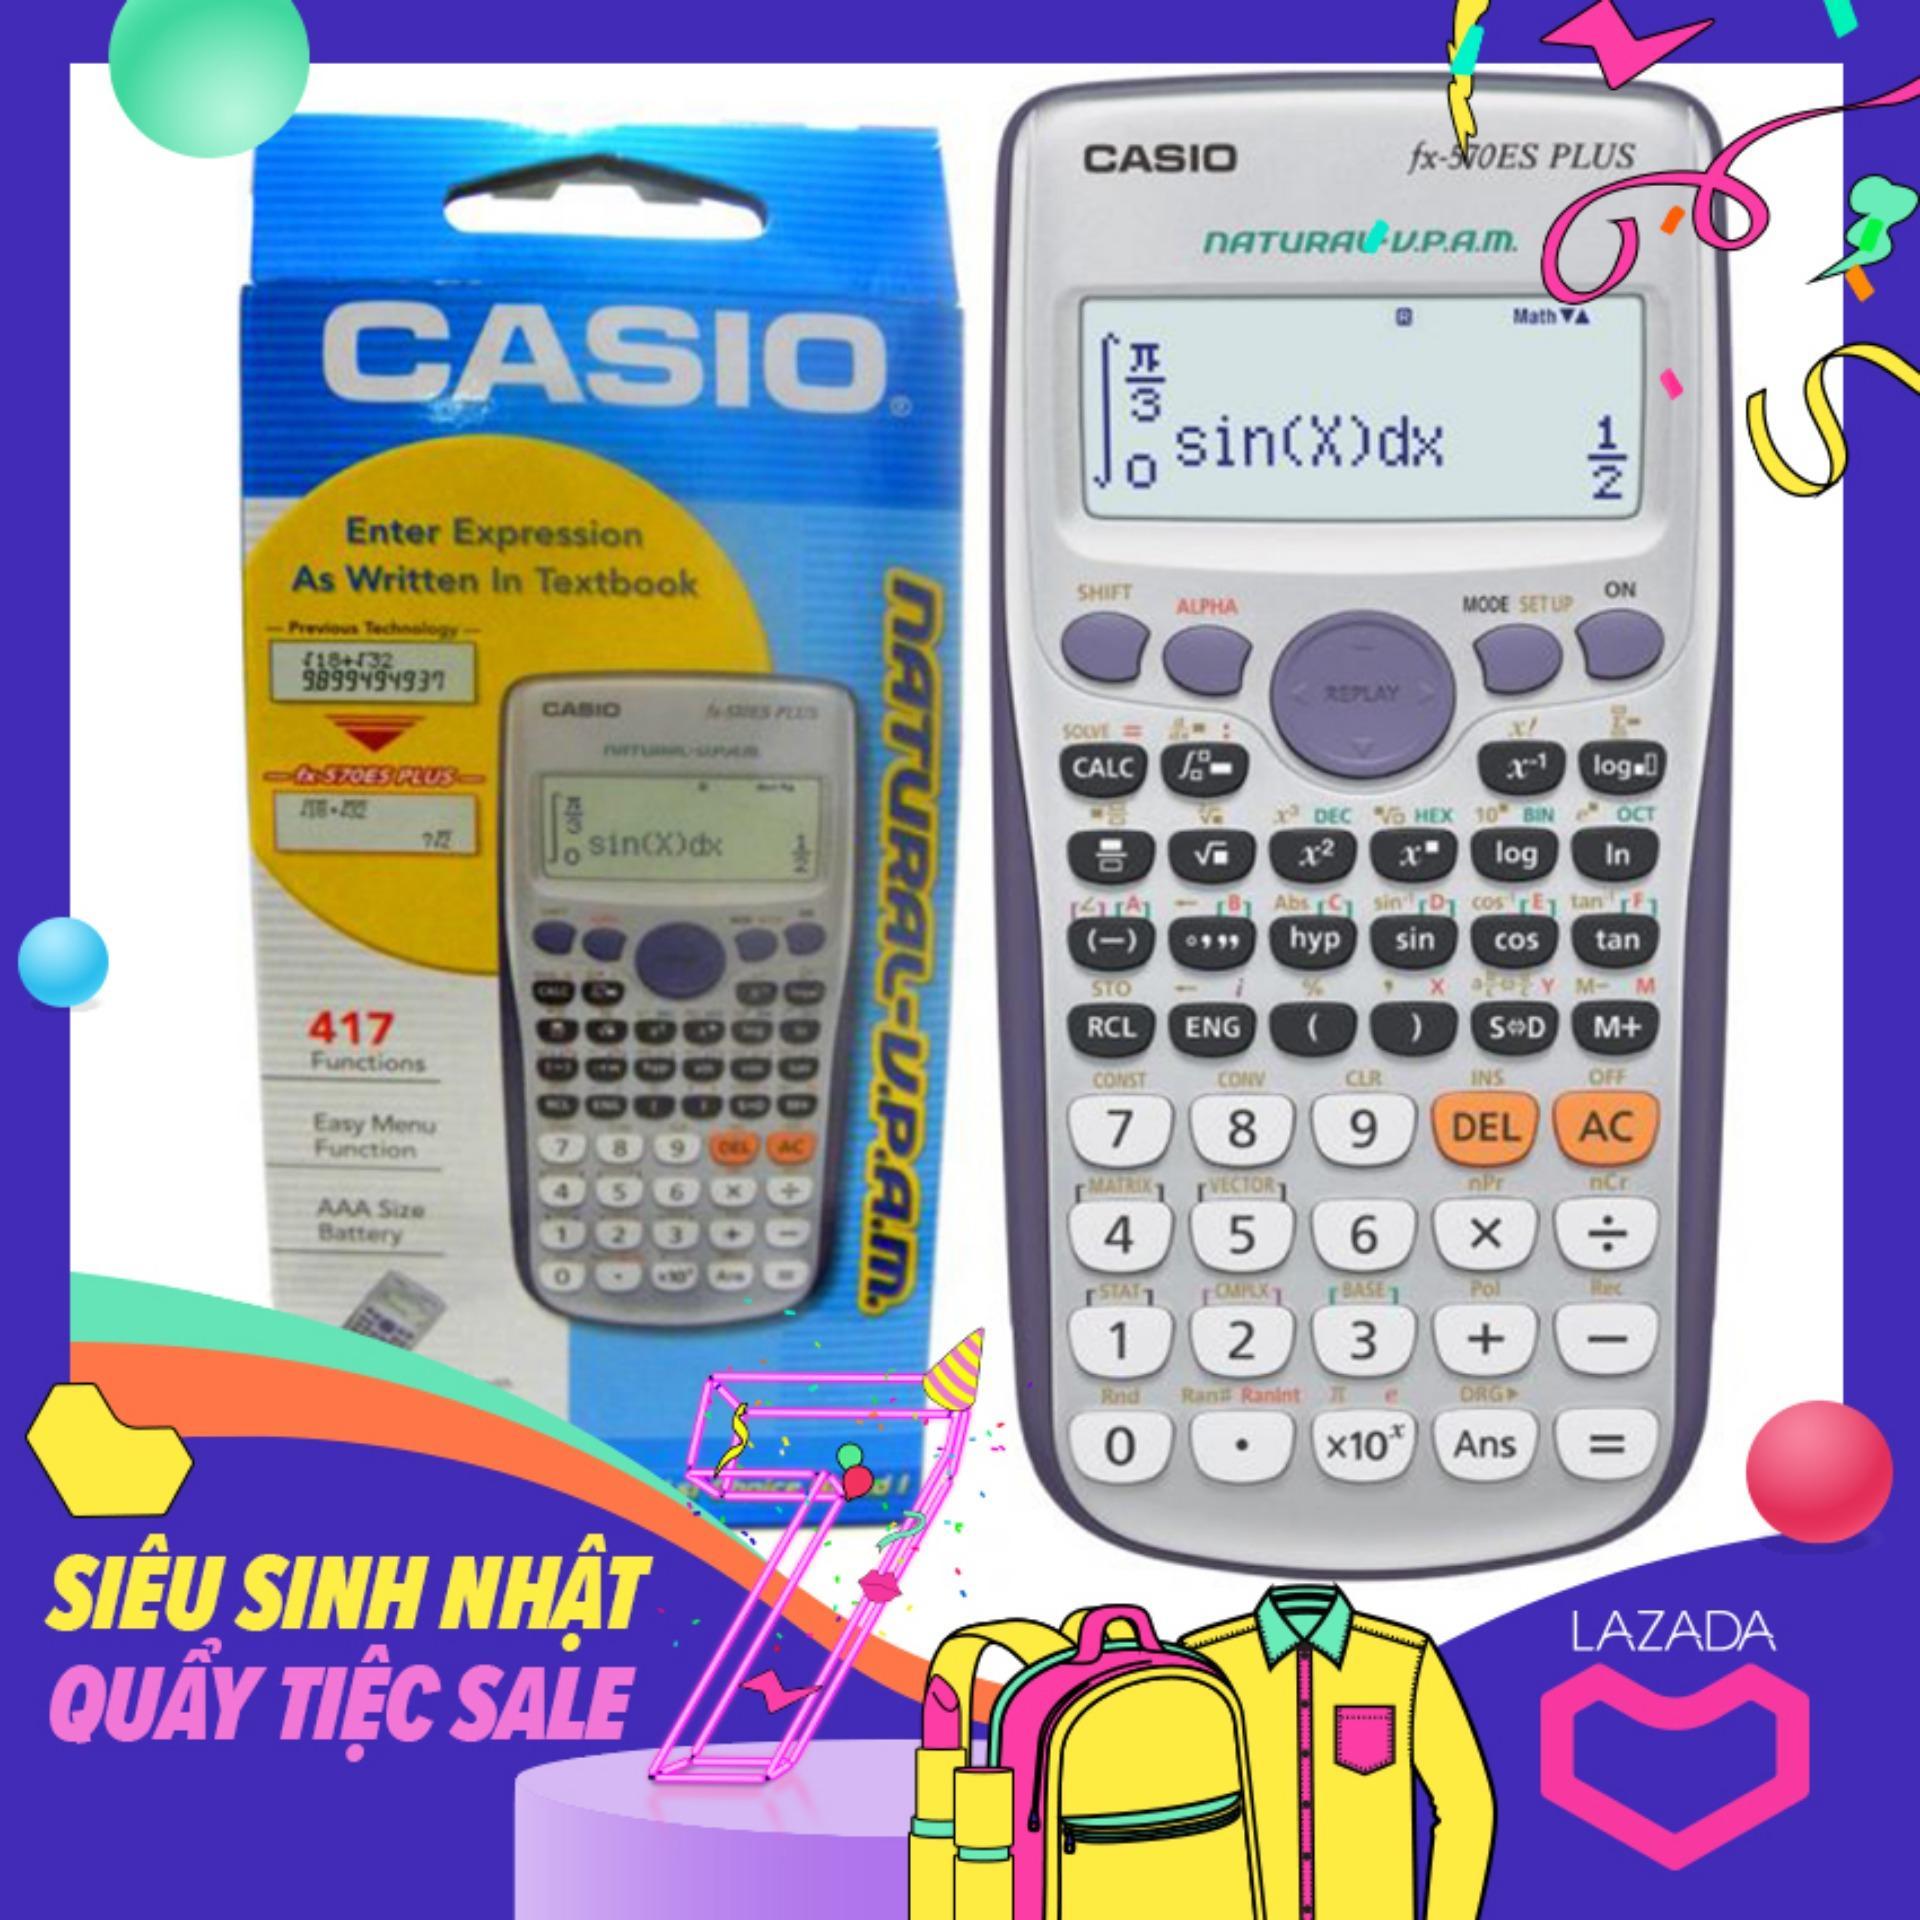 Mua Máy Tính Casio FX 570 ES Plus - Tem Bitex (BH 2 Năm)